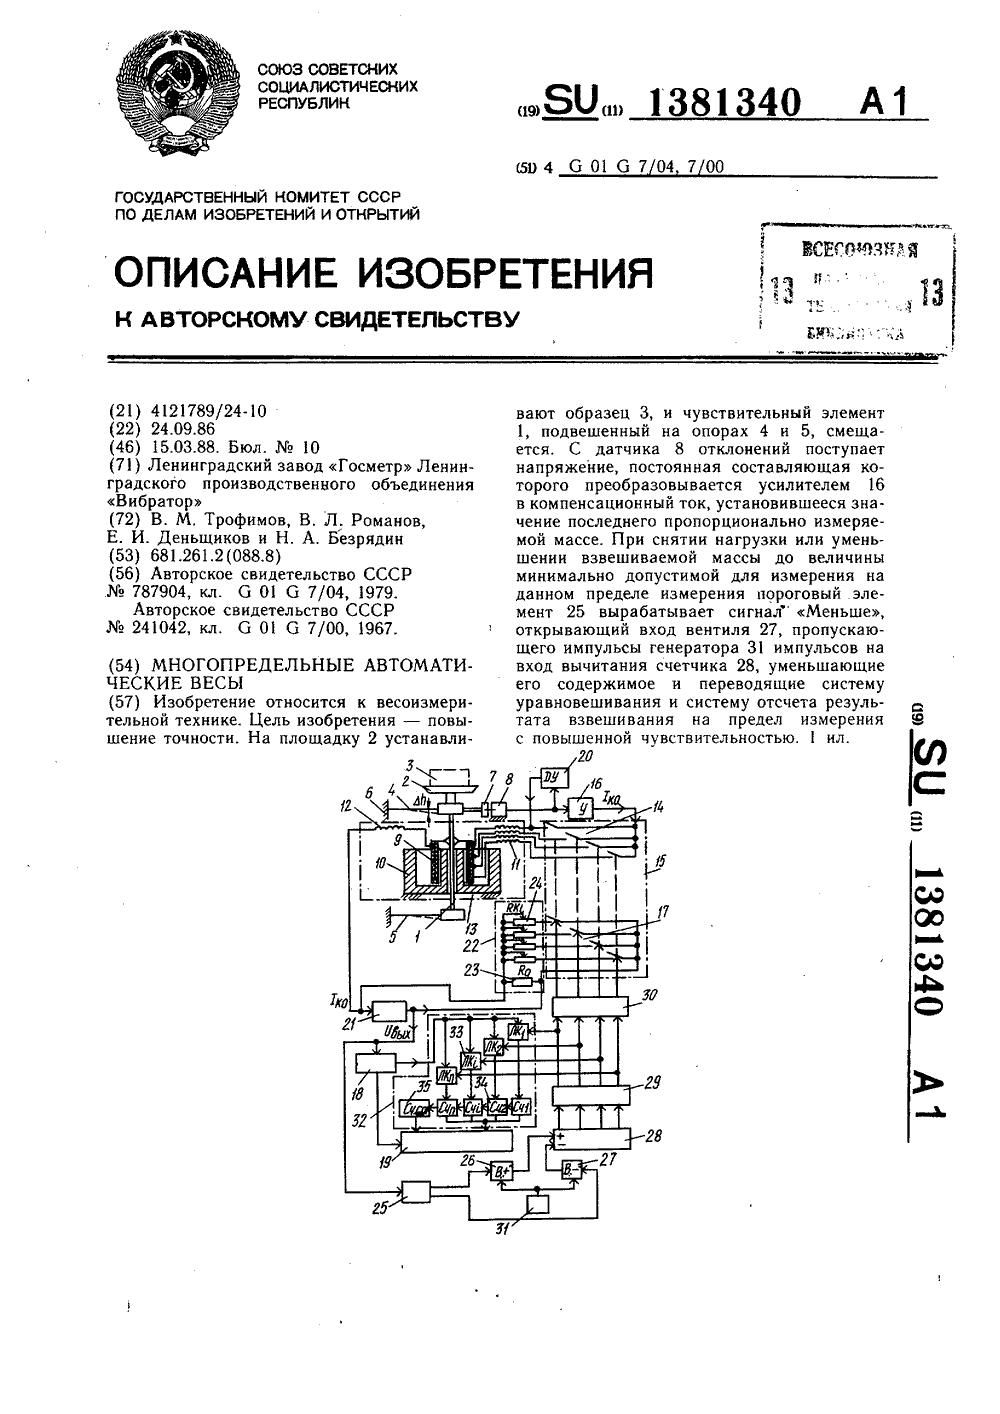 схема дешифратора номеронабирателя